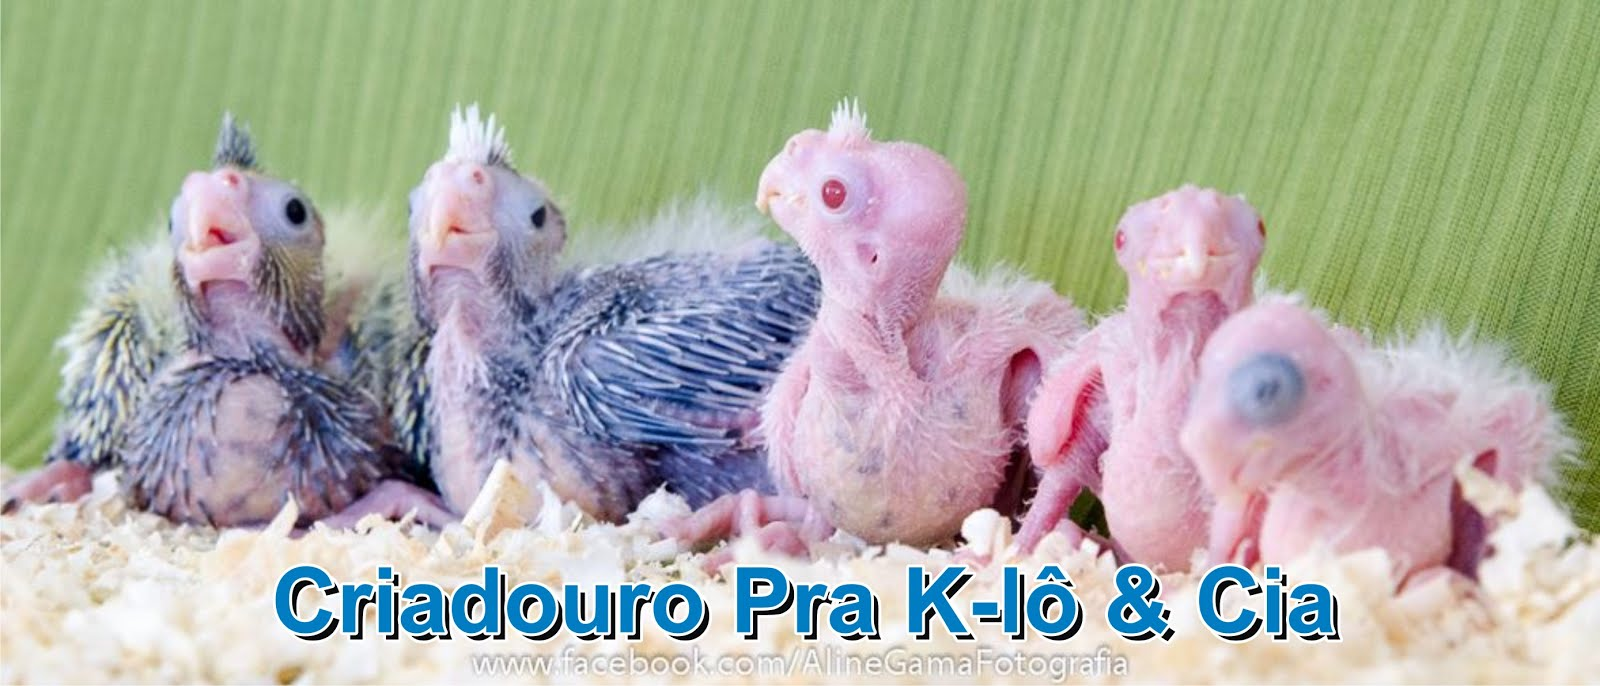 Criadouro Pra K-lô & Cia - Calopsitas Mansas - RJ